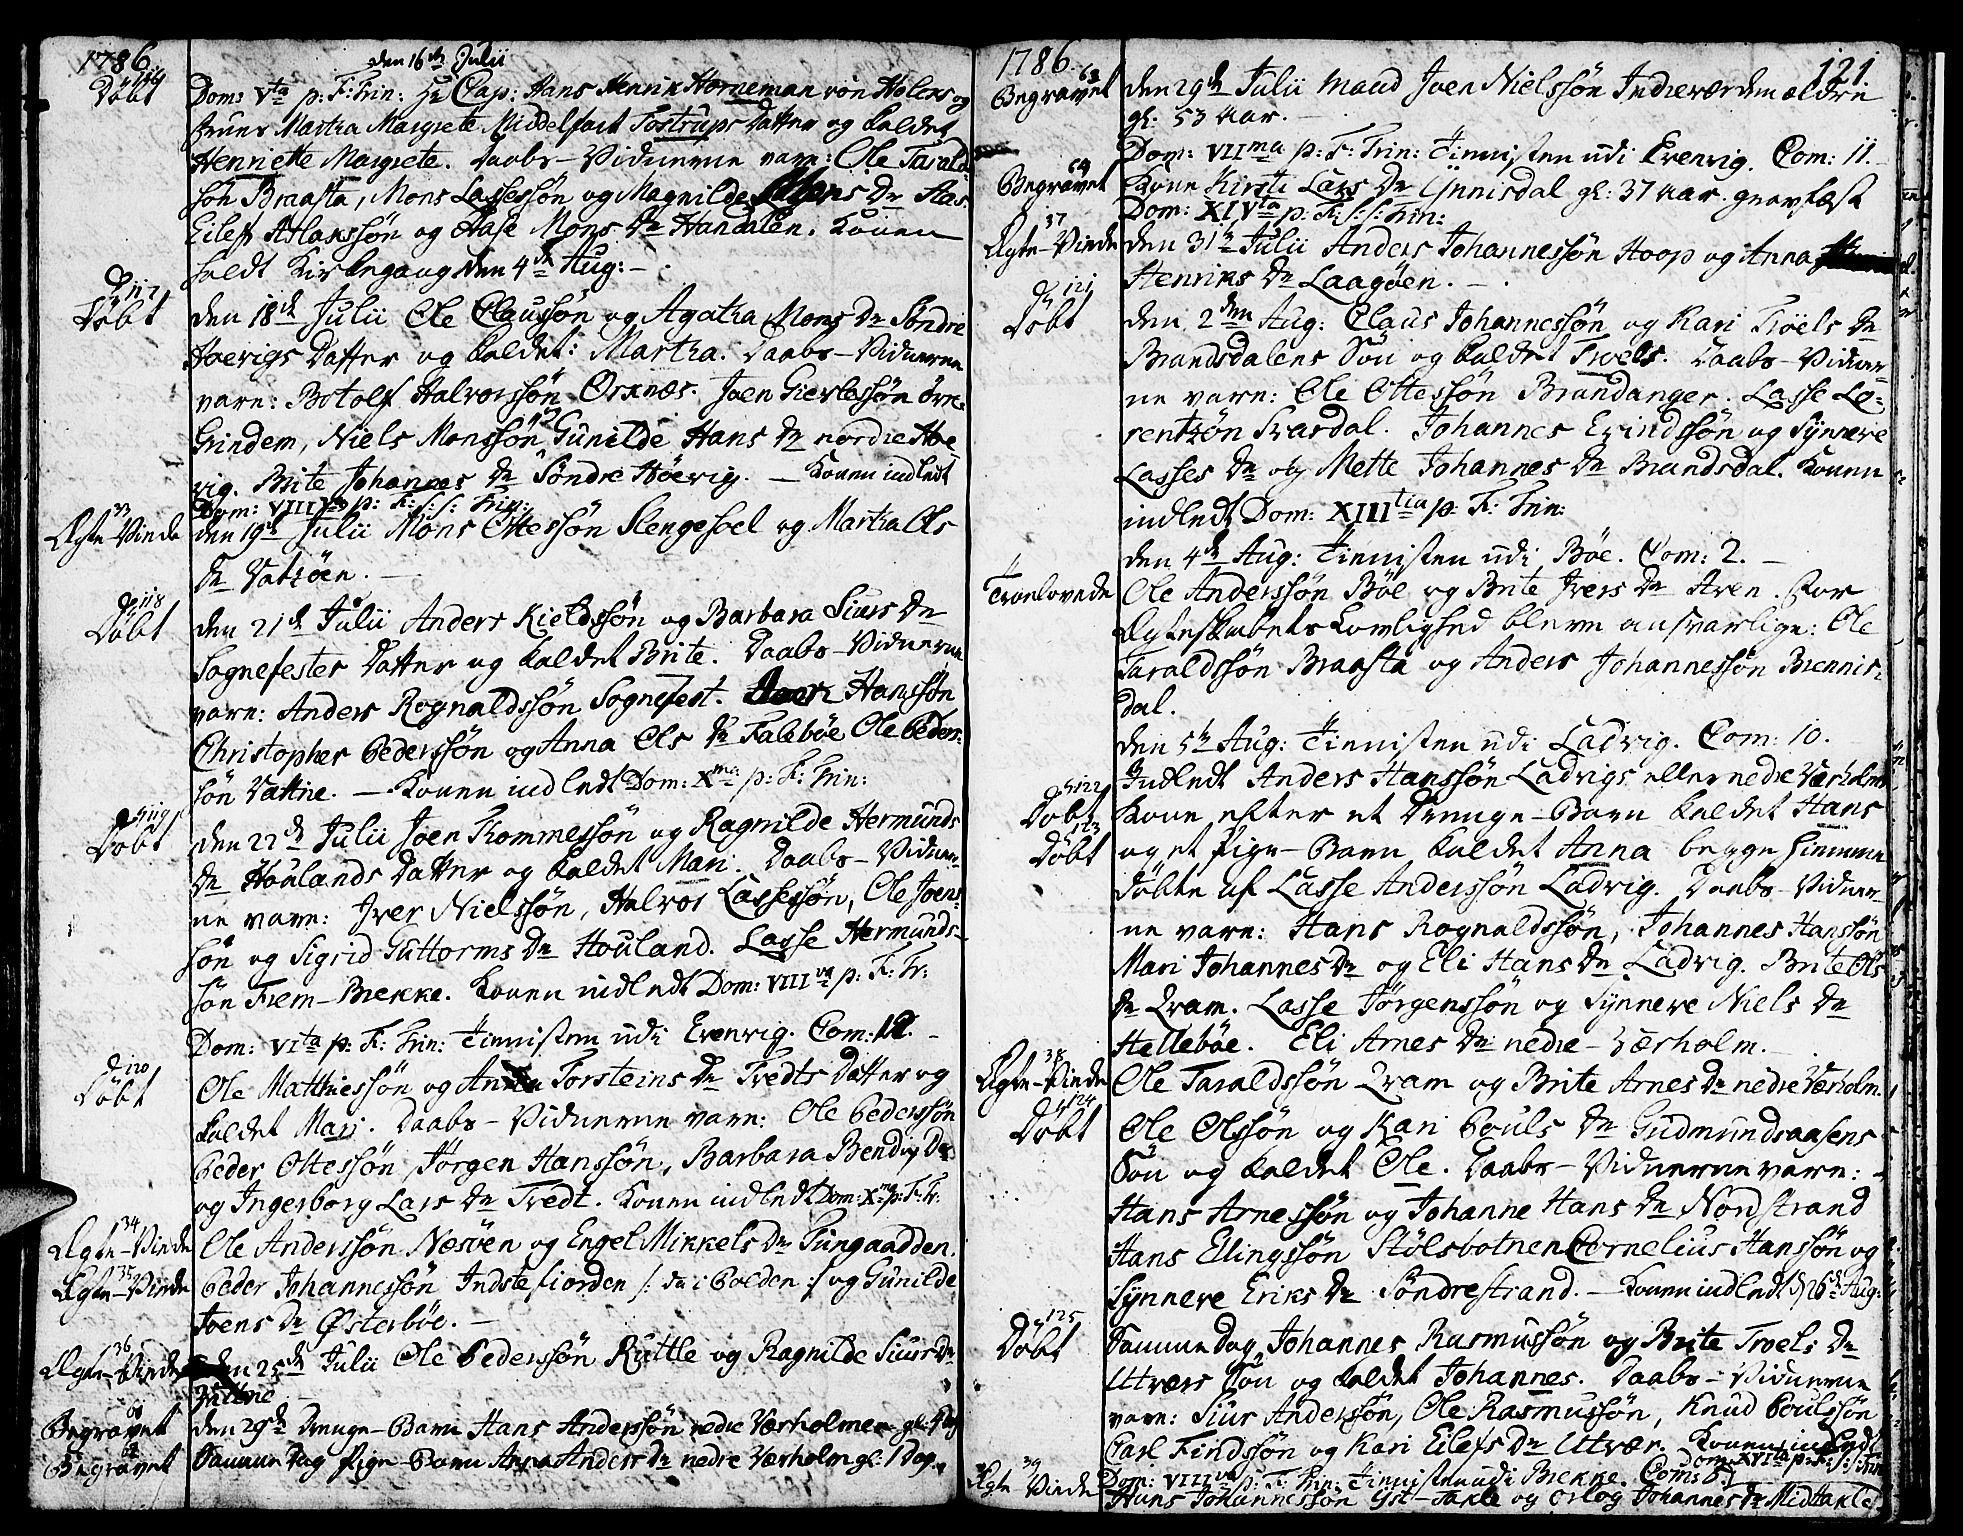 SAB, Gulen sokneprestembete, Ministerialbok nr. A 13, 1776-1787, s. 121